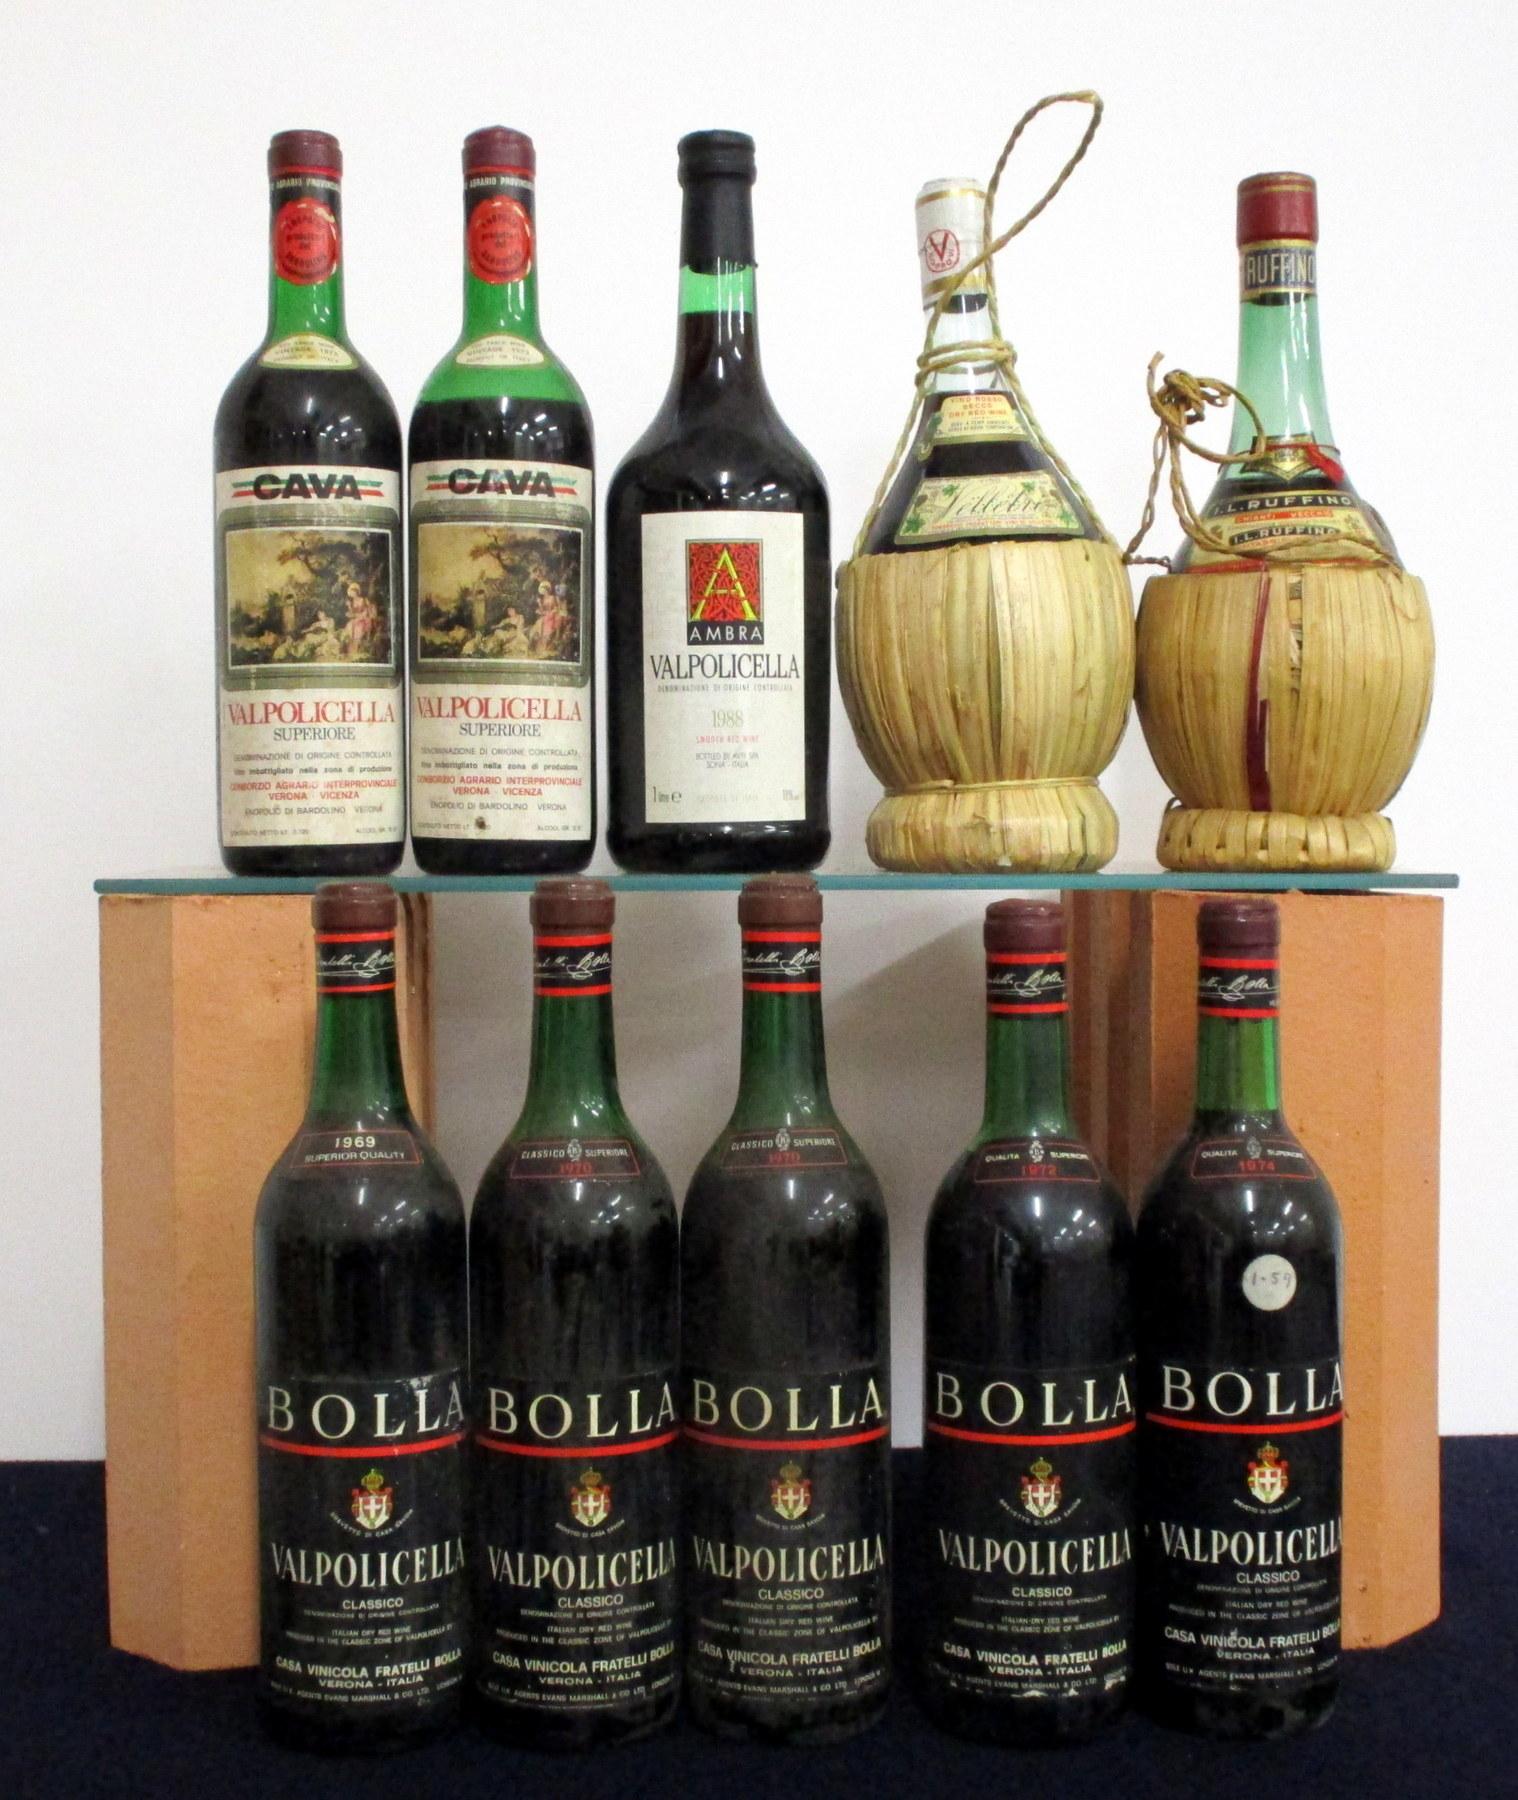 1 bt Bolla Valpolicella Classico Superiore 1969 ts, bs 2 bts Bolla Valpolicella Classico Superiore